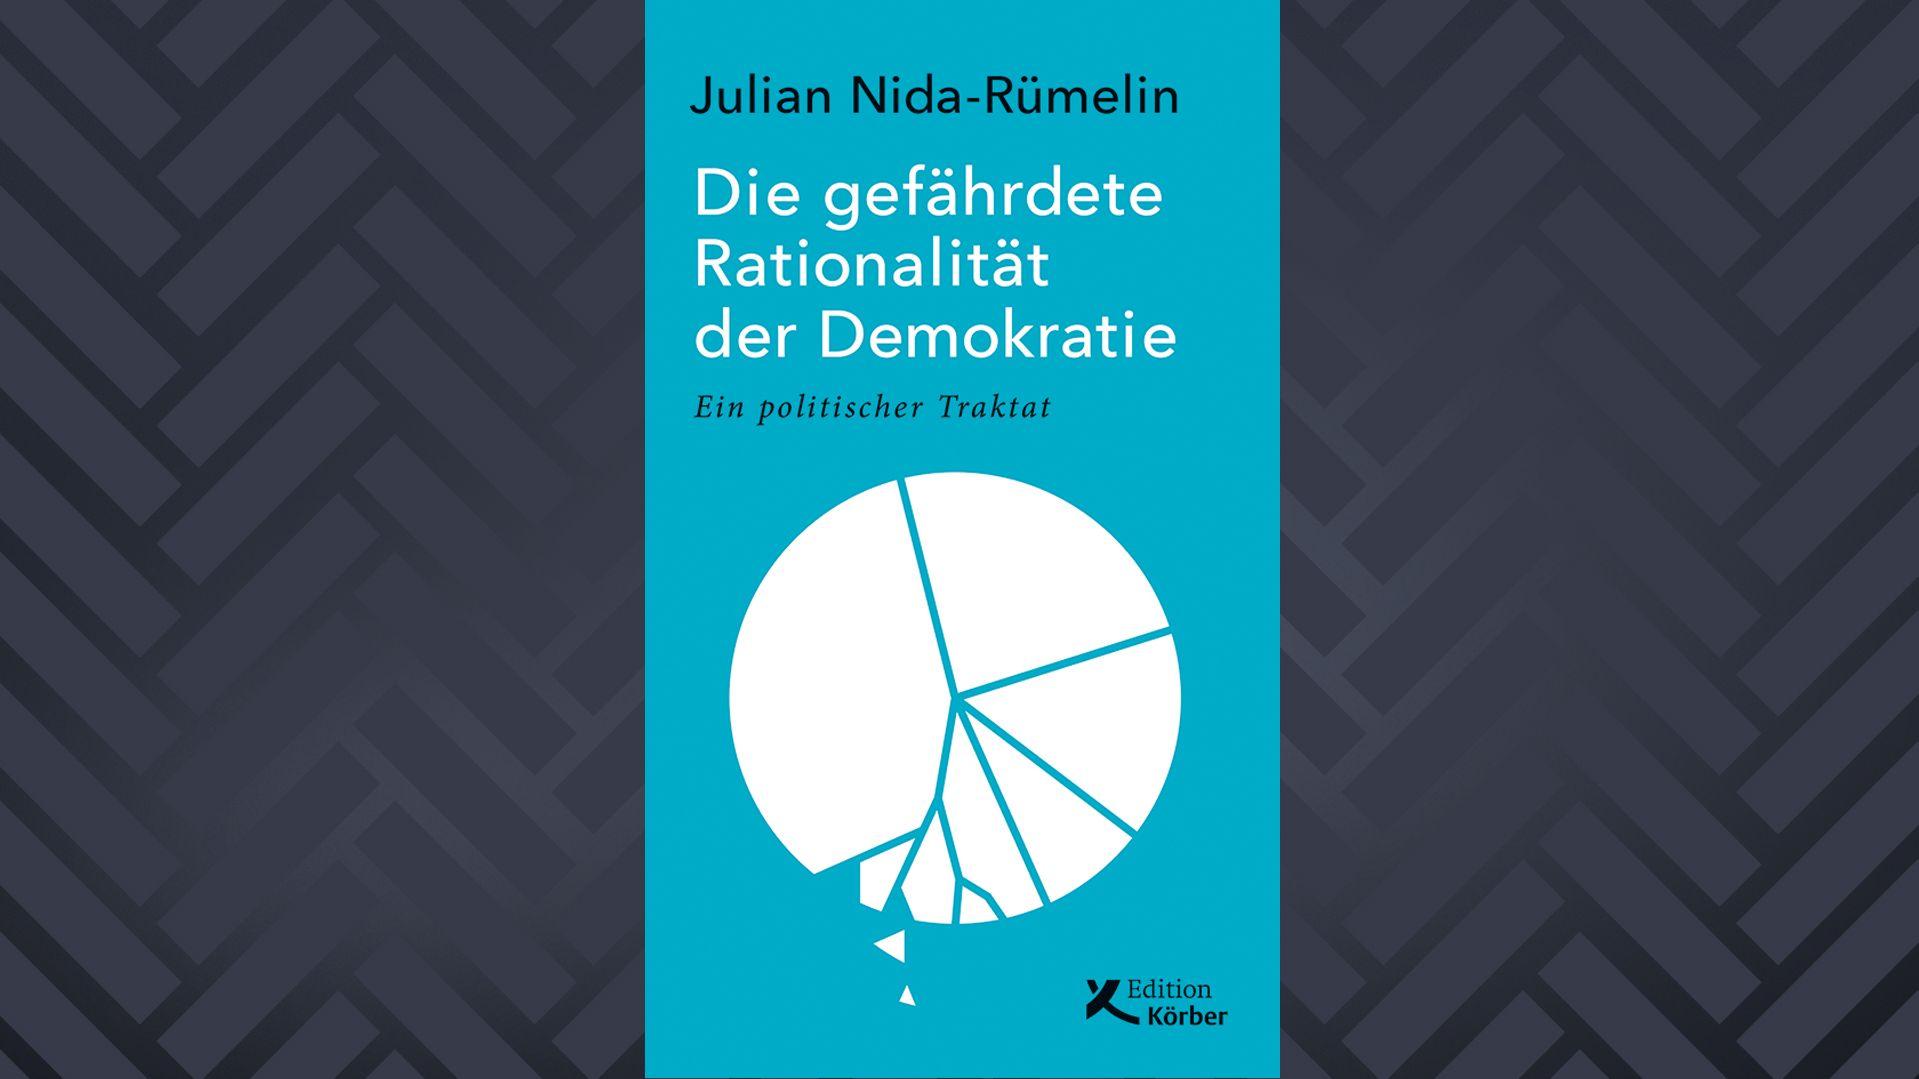 """Buchcover zu """"Die gefährdete Rationalität der Demokratie. Ein politischer Traktat"""" von Julian Nida-Rümelin"""